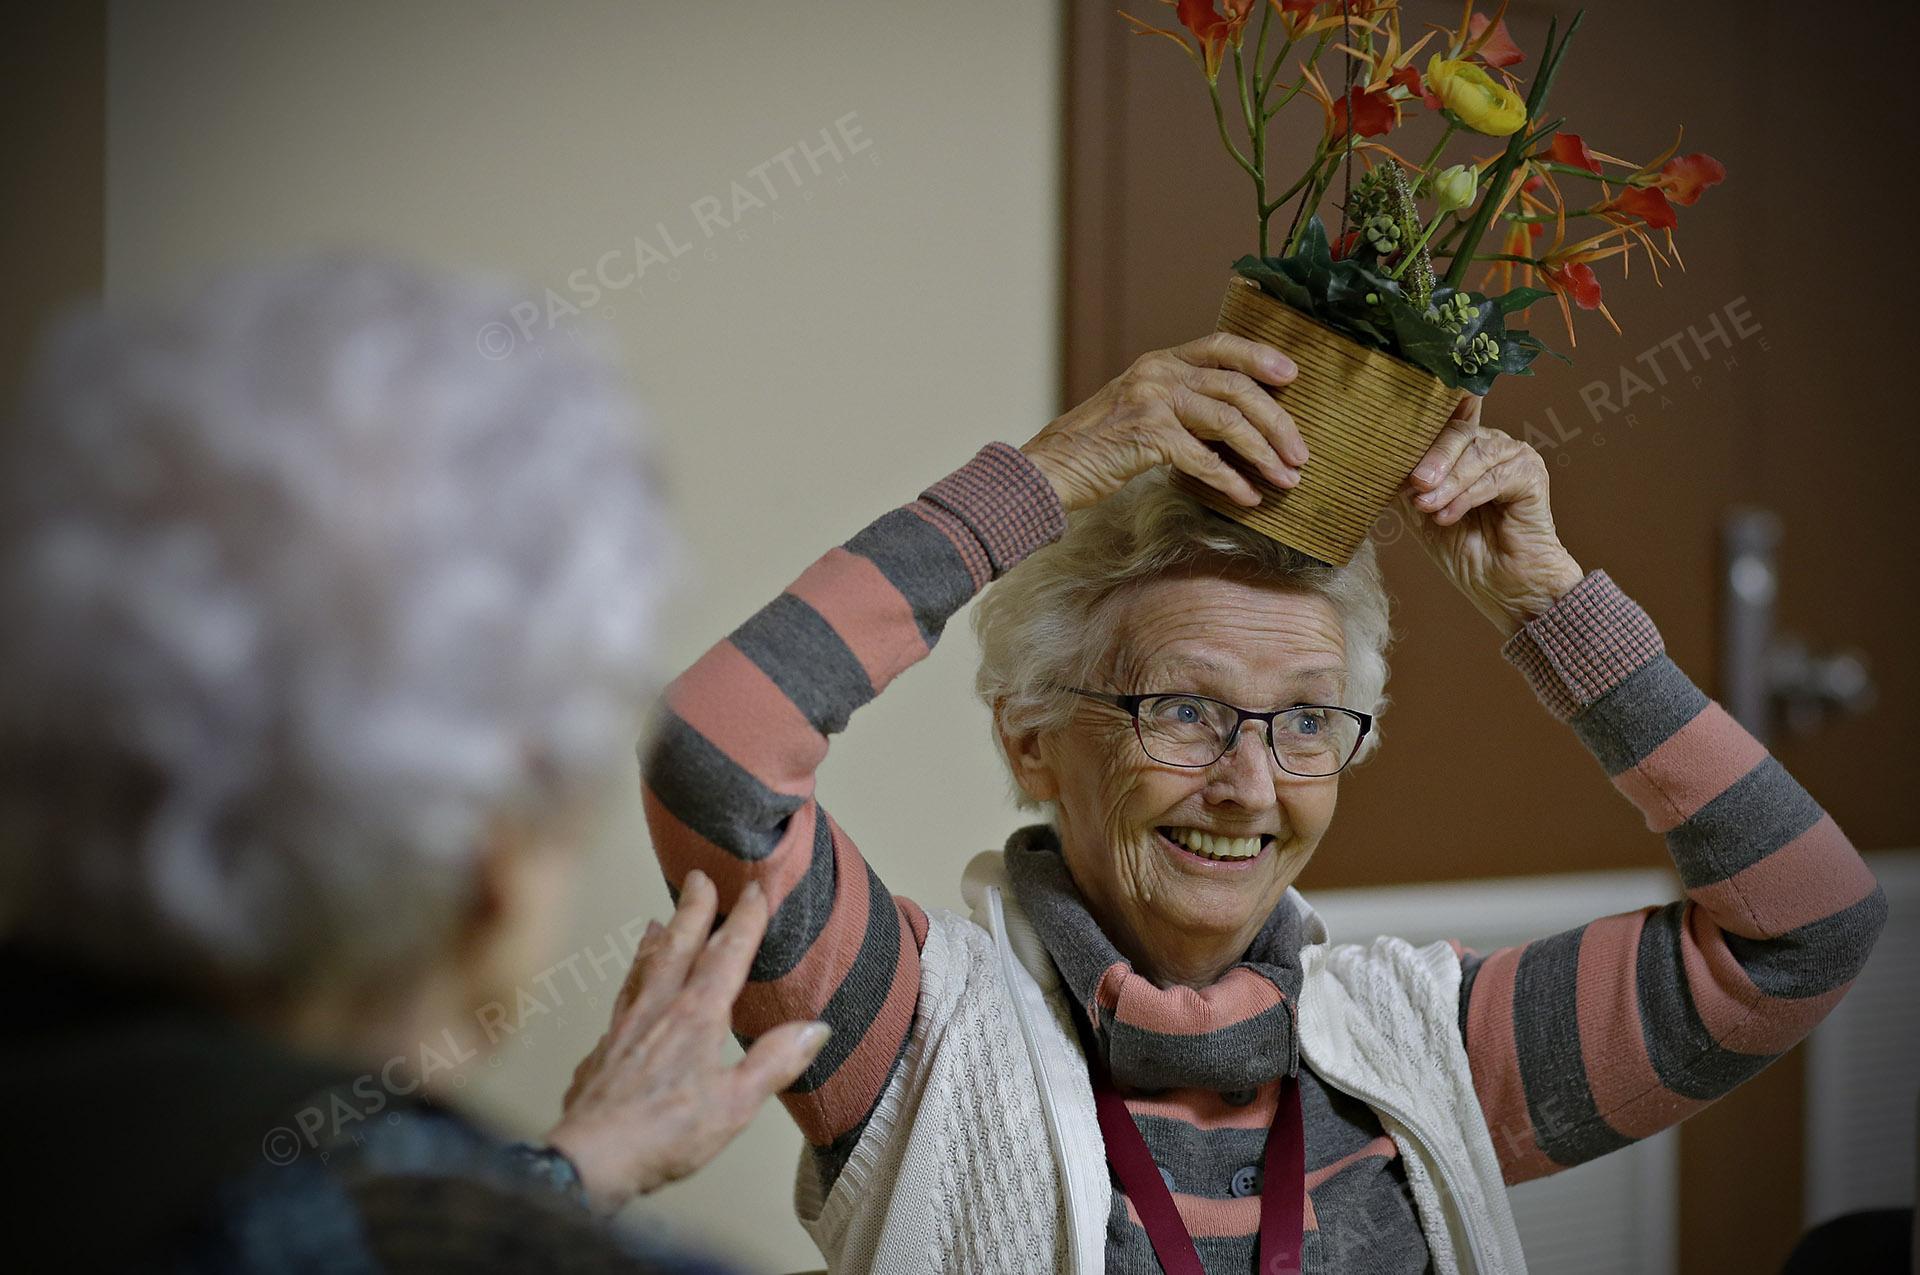 une personne agée très souriante jouant avec un pot de fleur